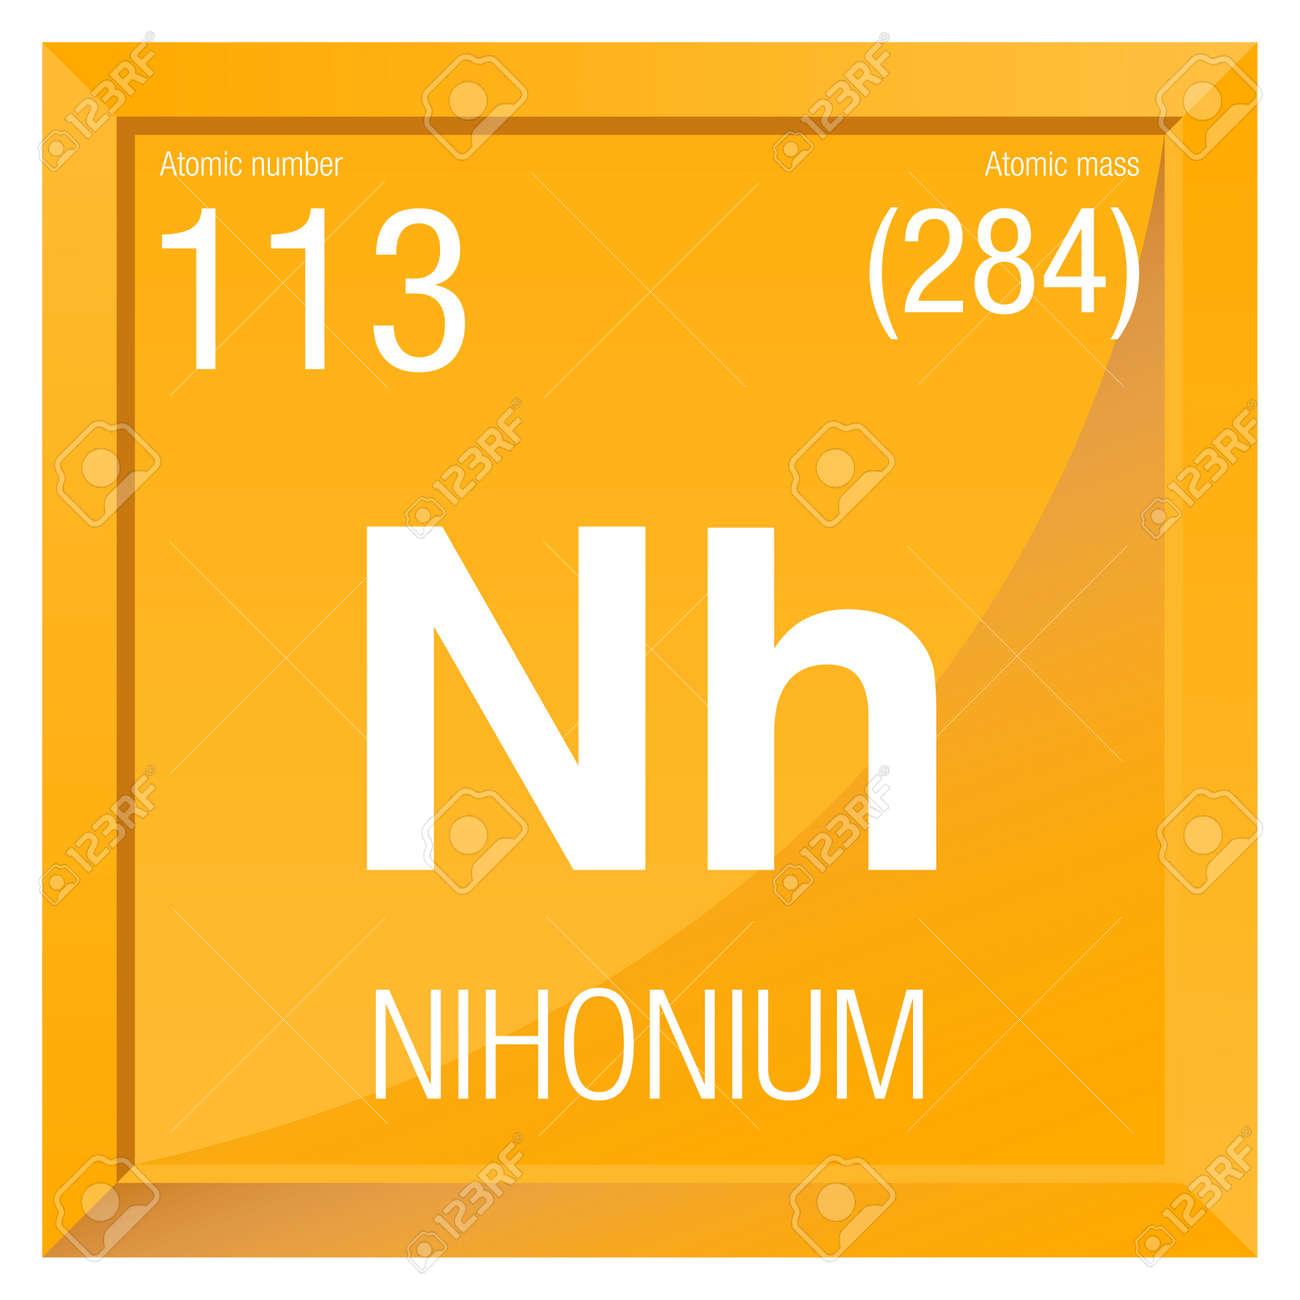 Nihonium smbolo el elemento nmero 113 de la tabla peridica de foto de archivo nihonium smbolo el elemento nmero 113 de la tabla peridica de los elementos qumica marco cuadrado con el fondo amarillo urtaz Image collections